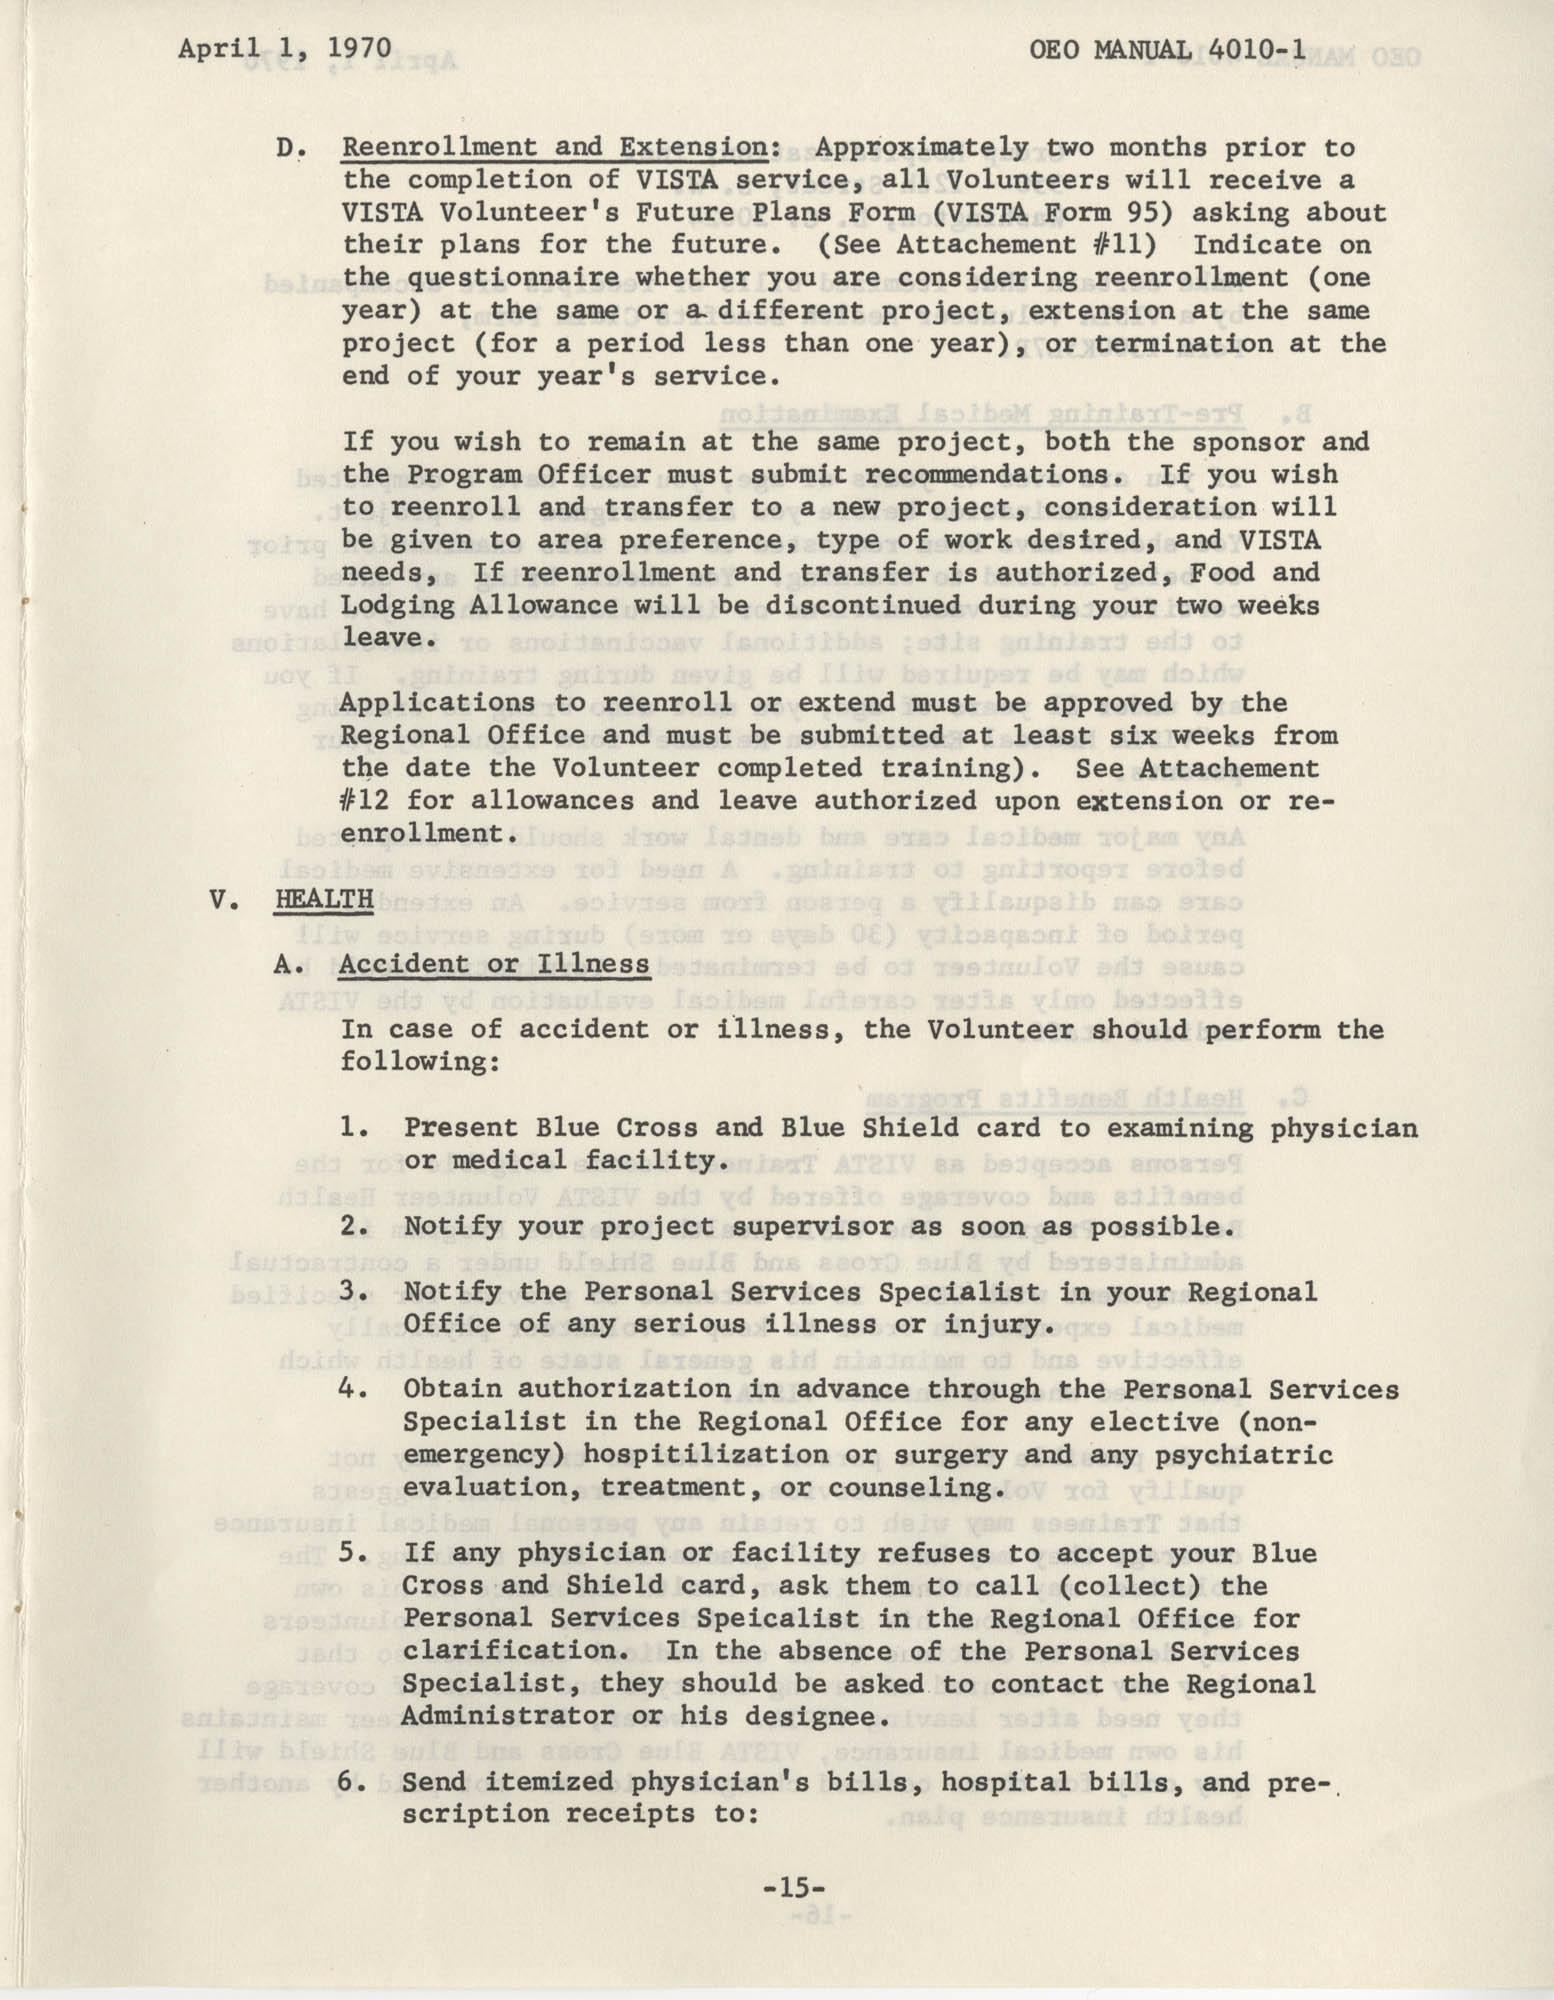 Vista Volunteer Handbook, April 1970, Page 15